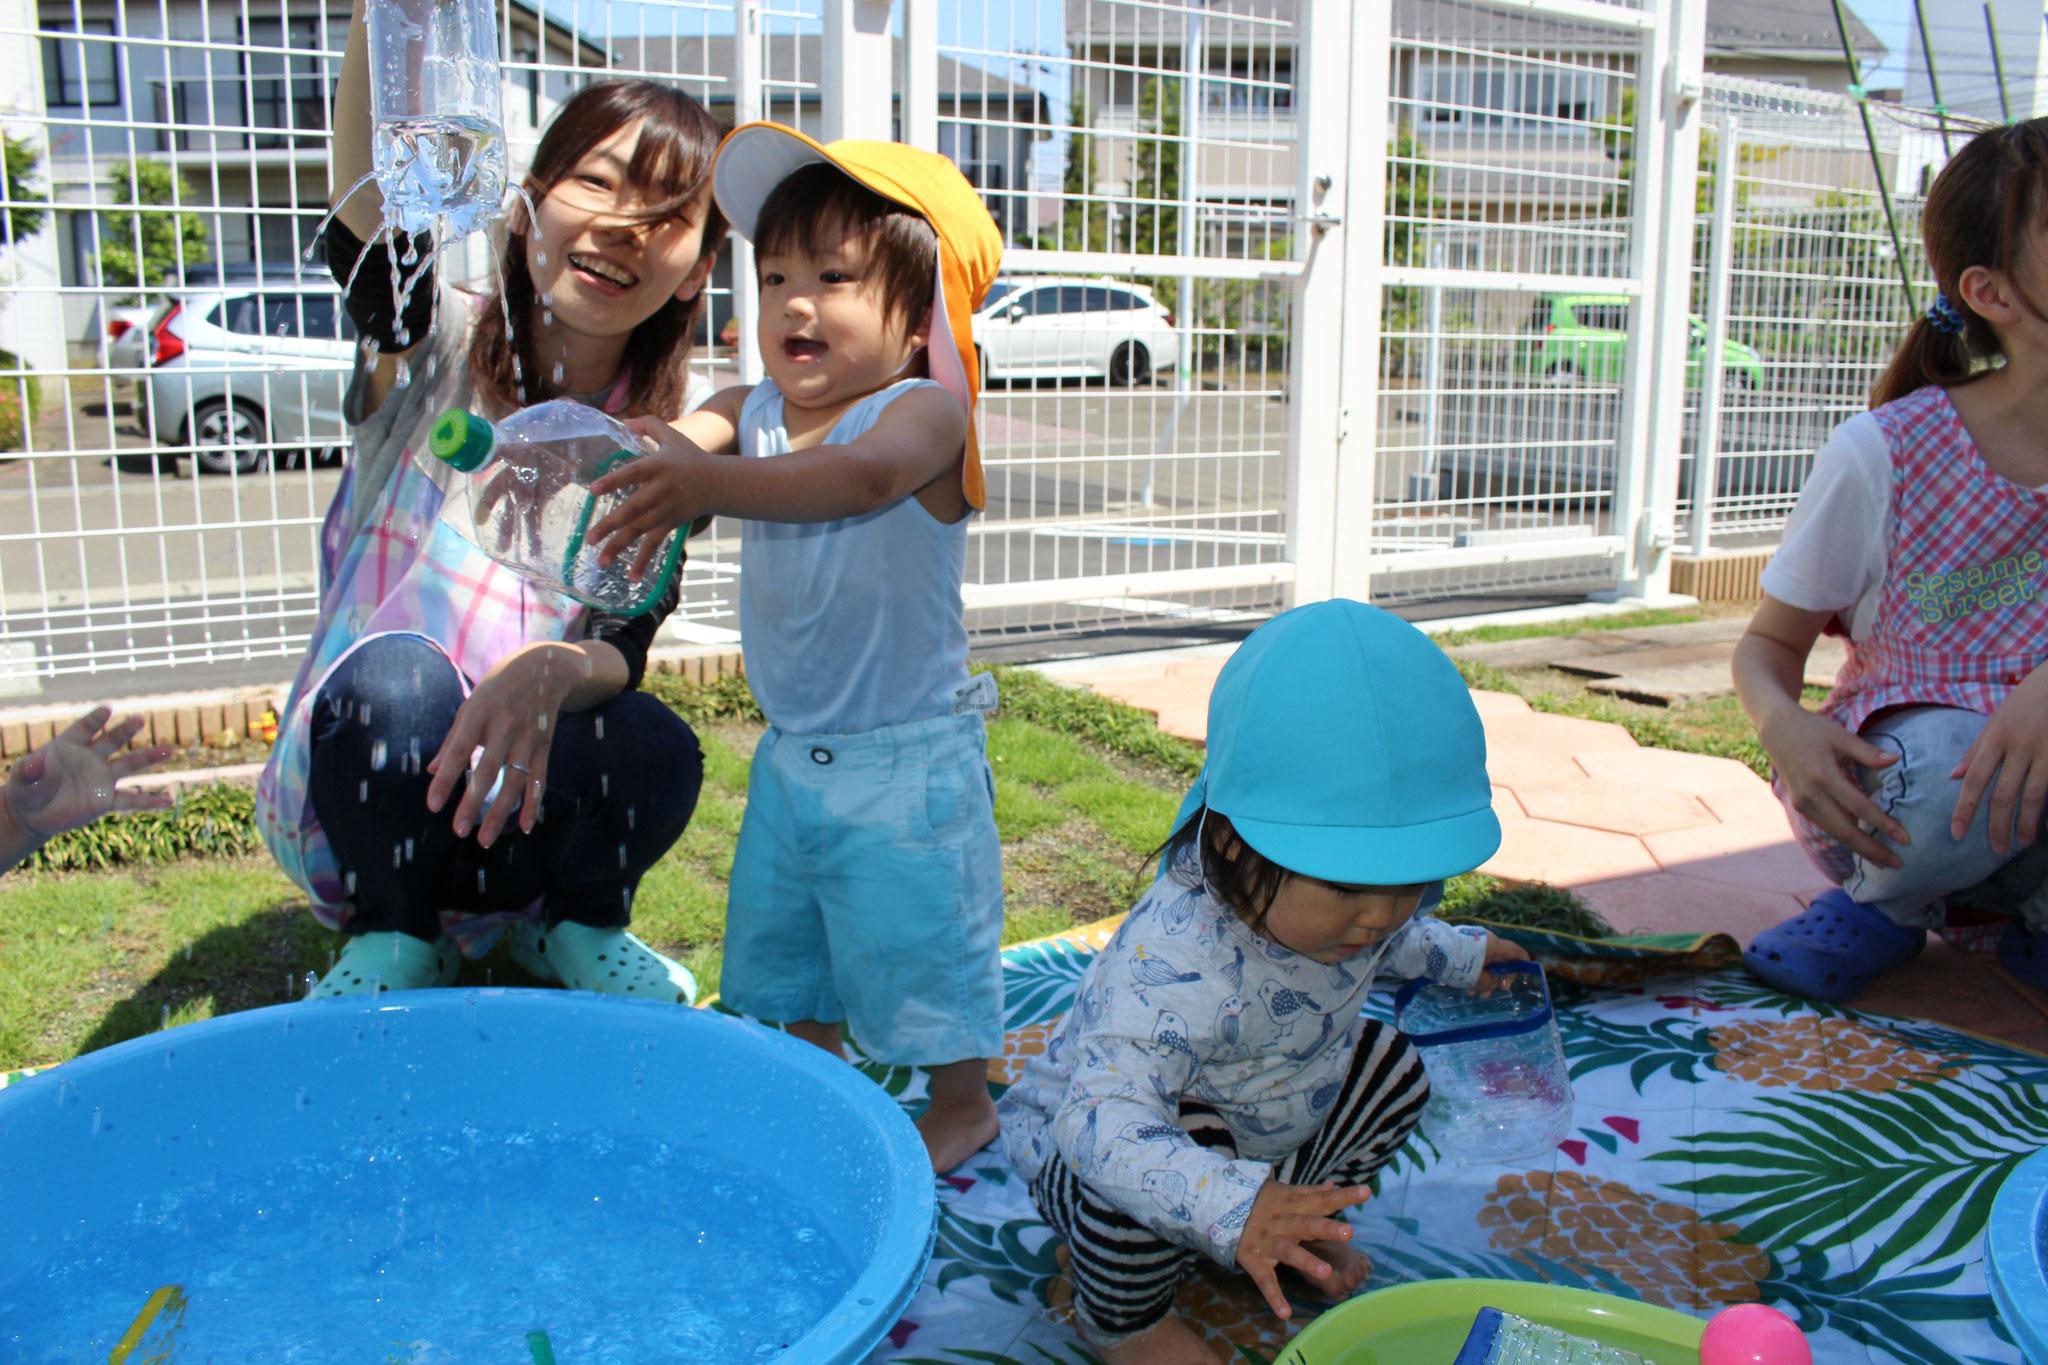 水遊びでは 水と触れ合う 楽しさが 実感できたね~ 濡れたけど その感触も おもしろかったね(o^―^o)ニコ